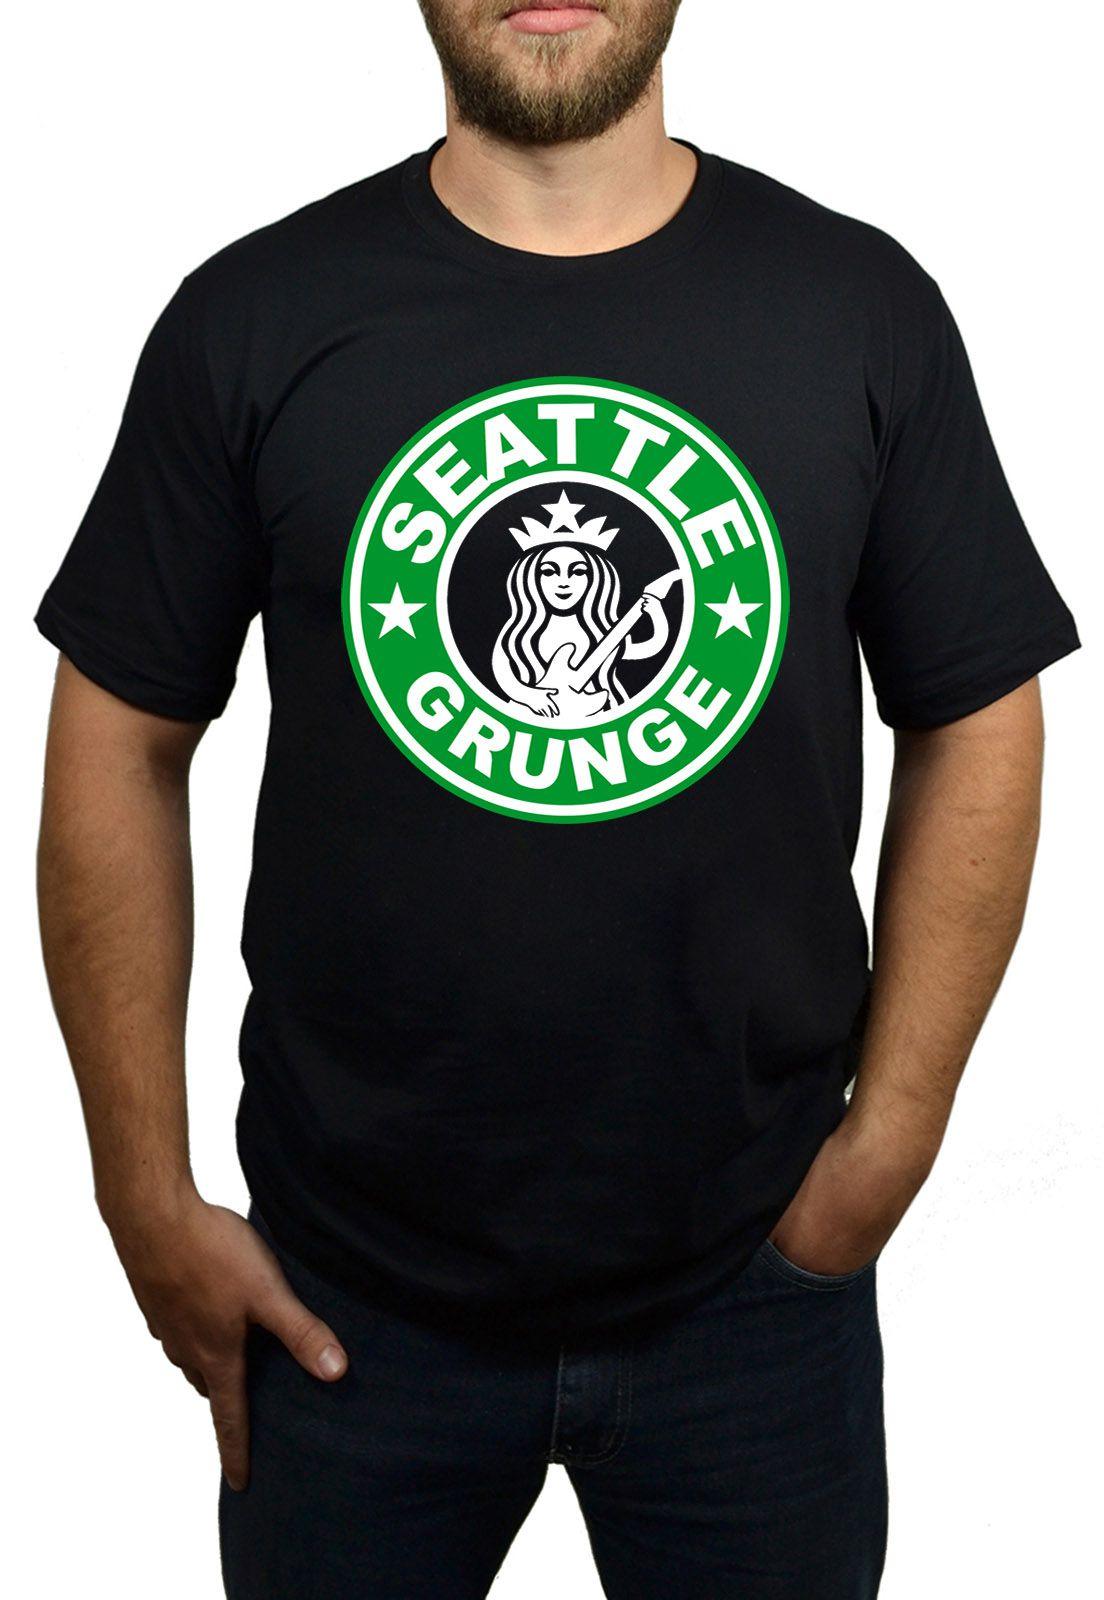 Camiseta HShop Seattle Grunge - Preto  - HShop